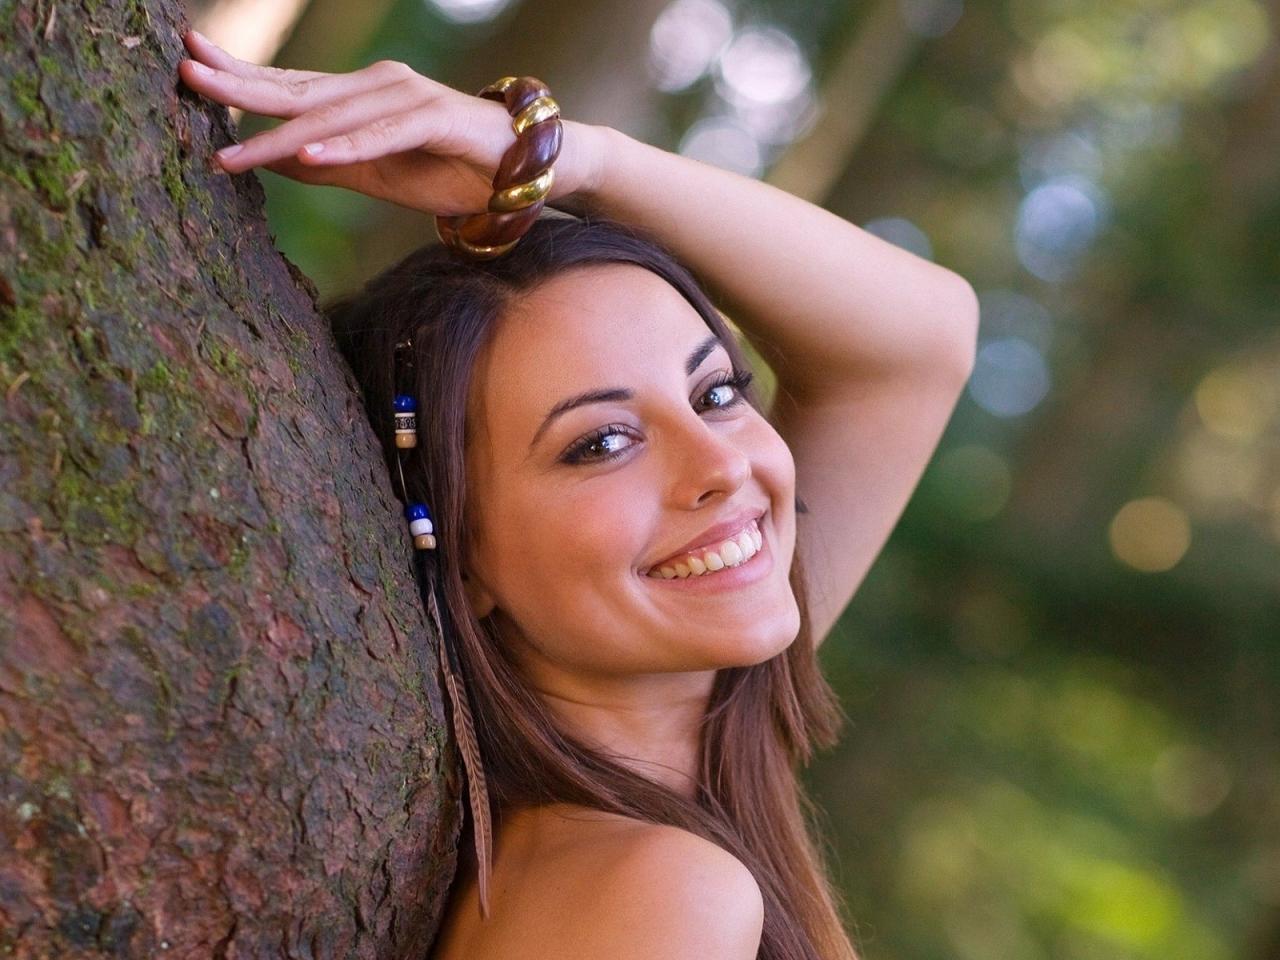 Una chica sonriendo - 1280x960